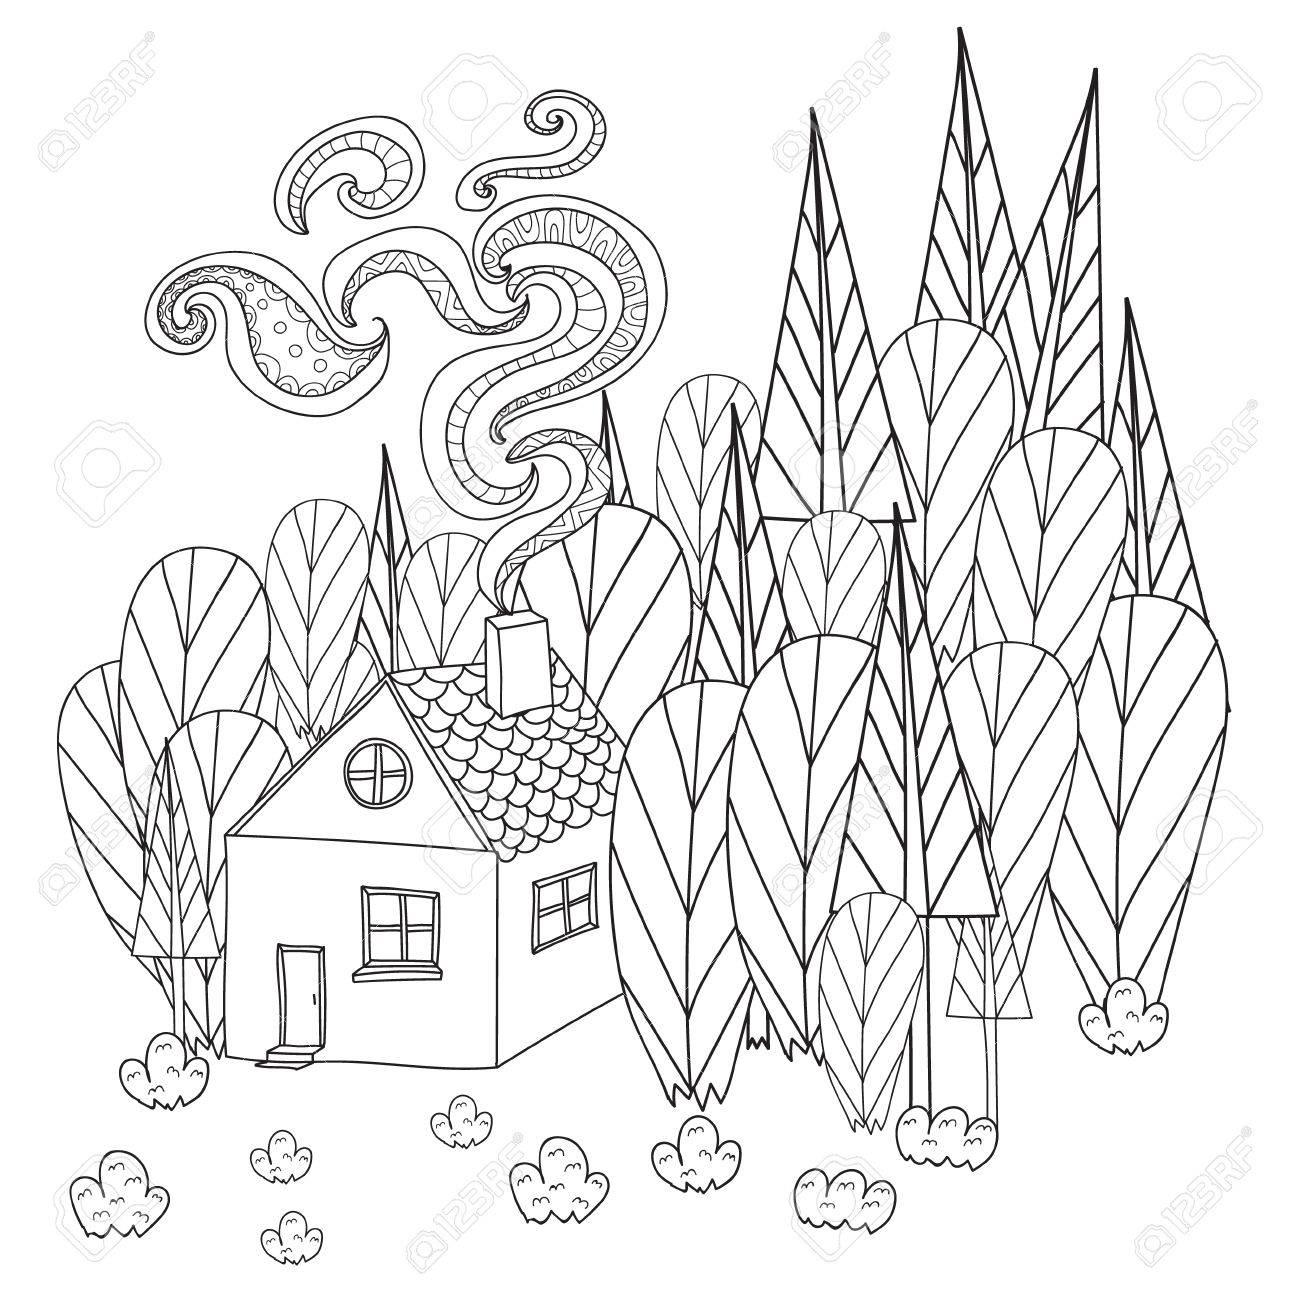 Dibujos Para Colorear Para Niños Y Adultos Para Dar Color. Casa De ...